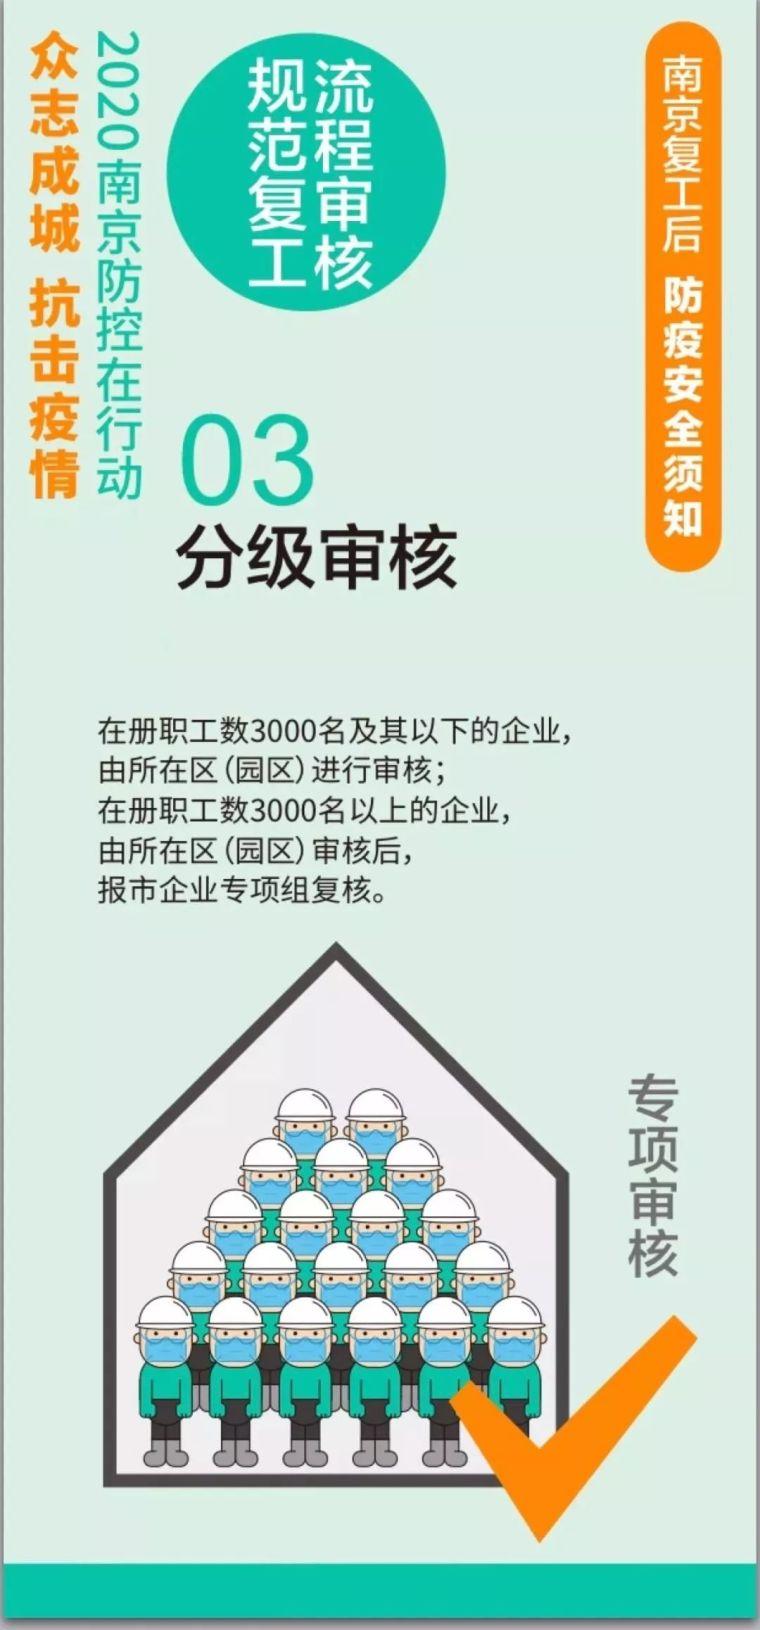 企业复工,防疫安全须知(图解)_26